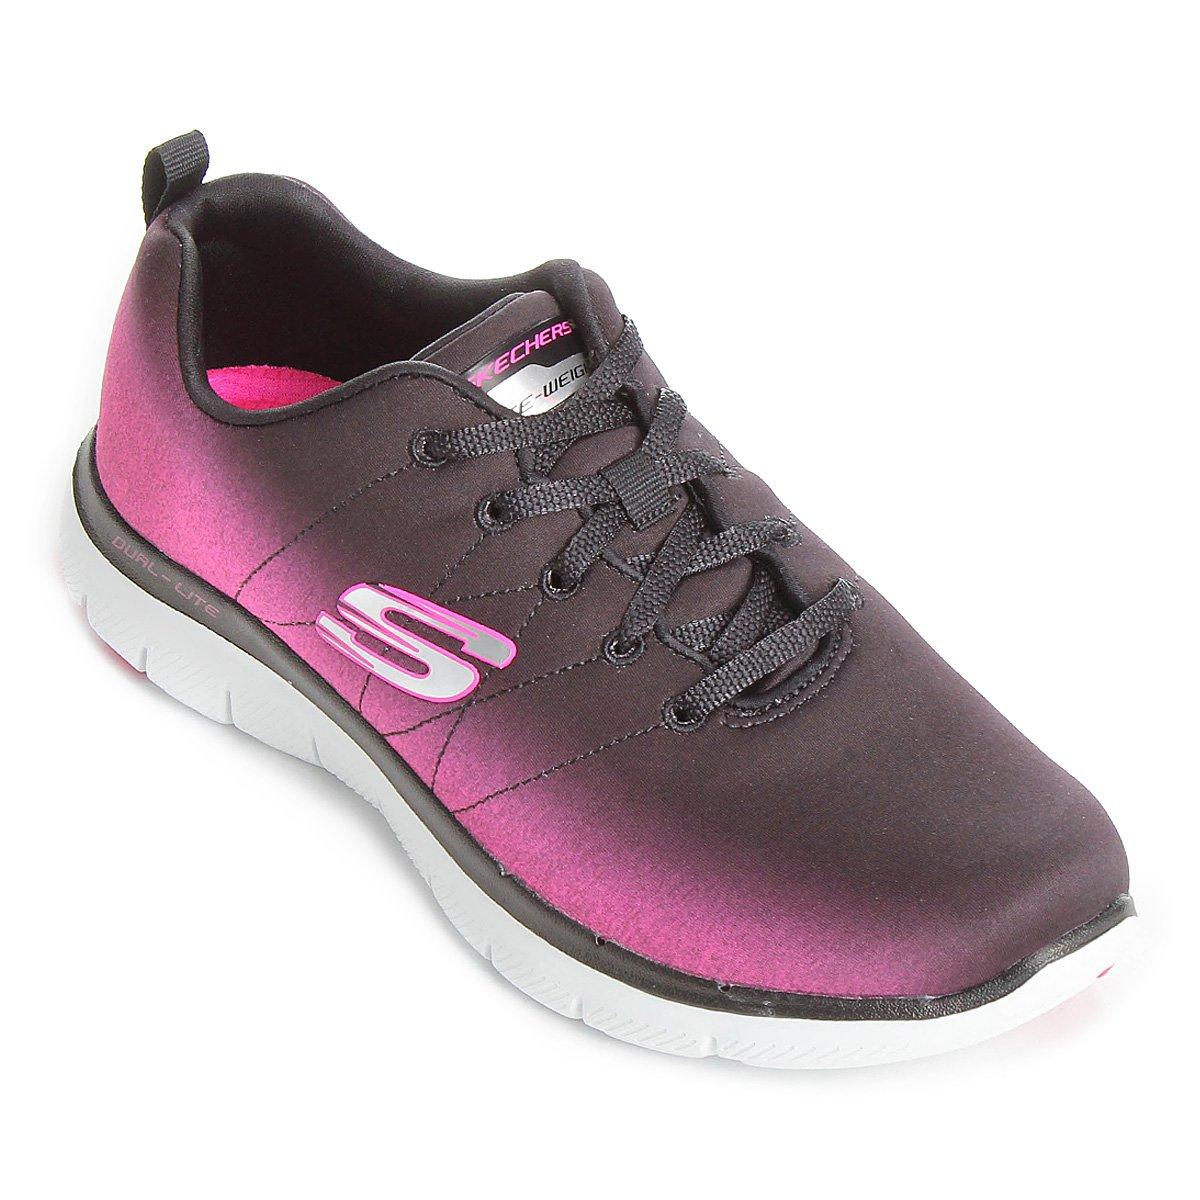 aa7c024377 Tênis Skechers Flex Appeal 2.0 Bright Side Feminino